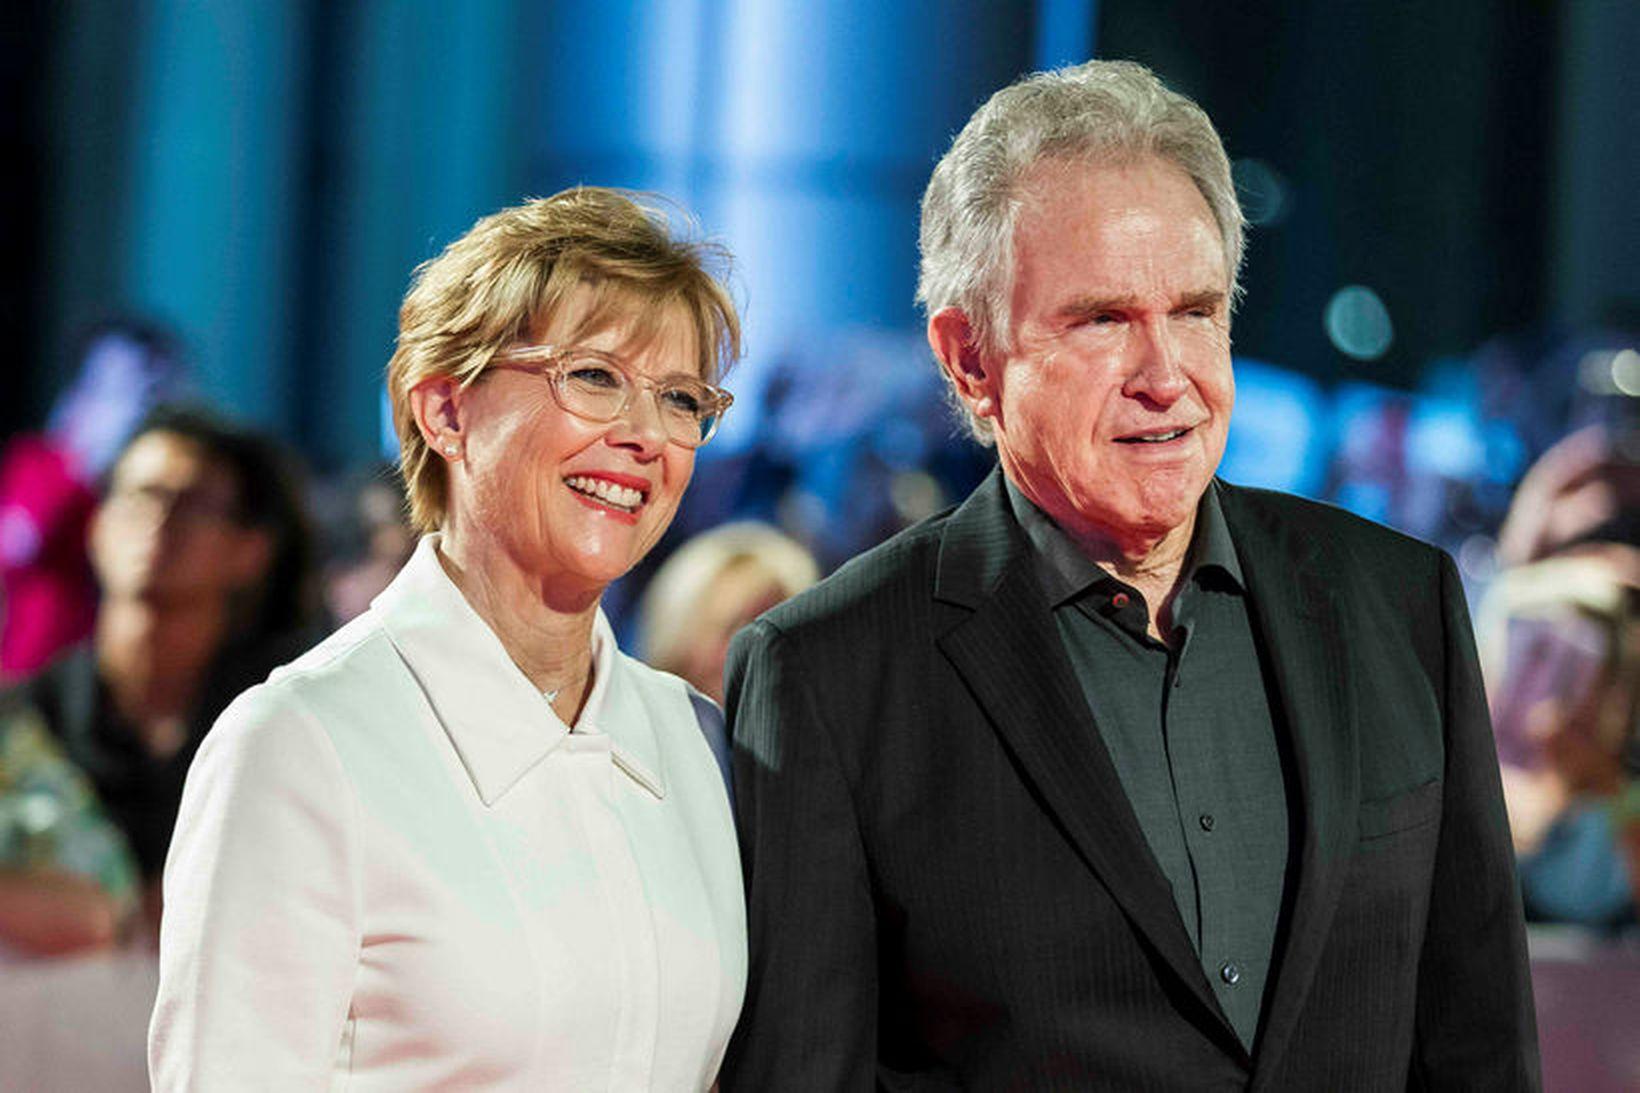 Hjónin Annette Bening og Warren Beatty.